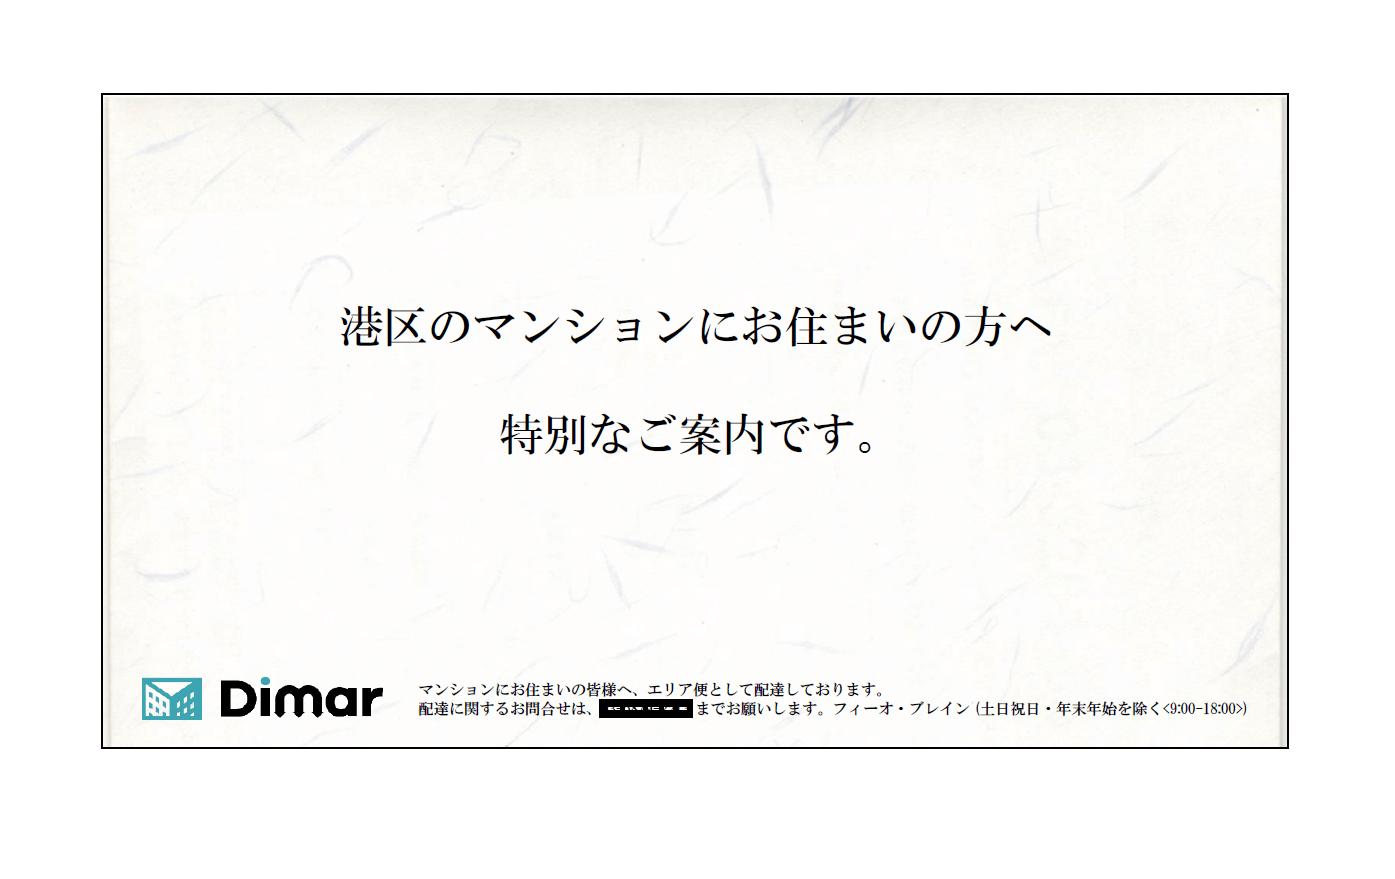 DMサンプル